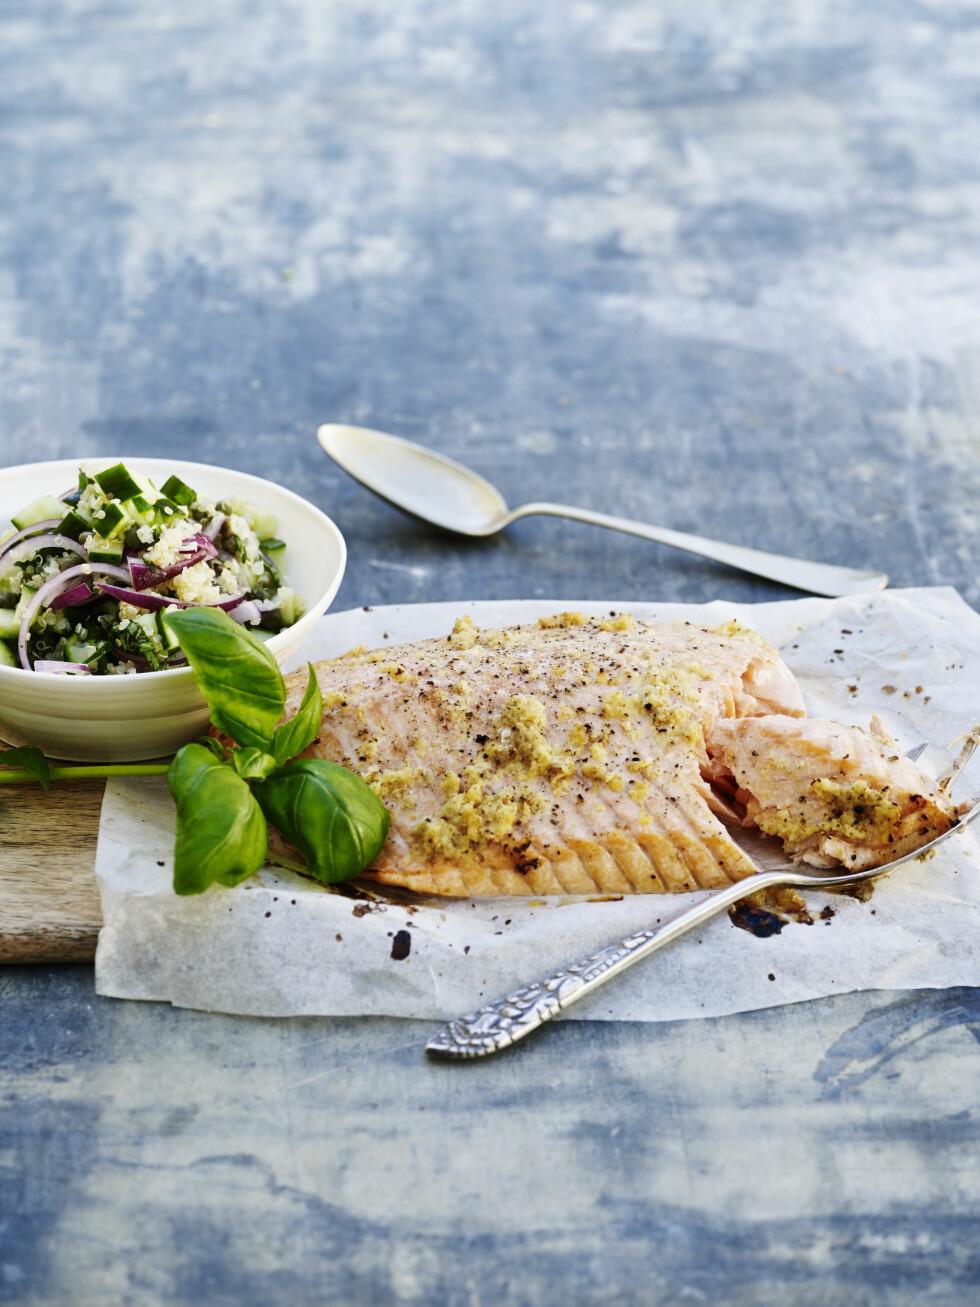 FAMILIESØNDAG: Bakt laks er sunn og lekker middag. Quinoa og laks forsyner oss med både omega 3 og proteiner og så smaker det supergodt. Foto: All Over Press